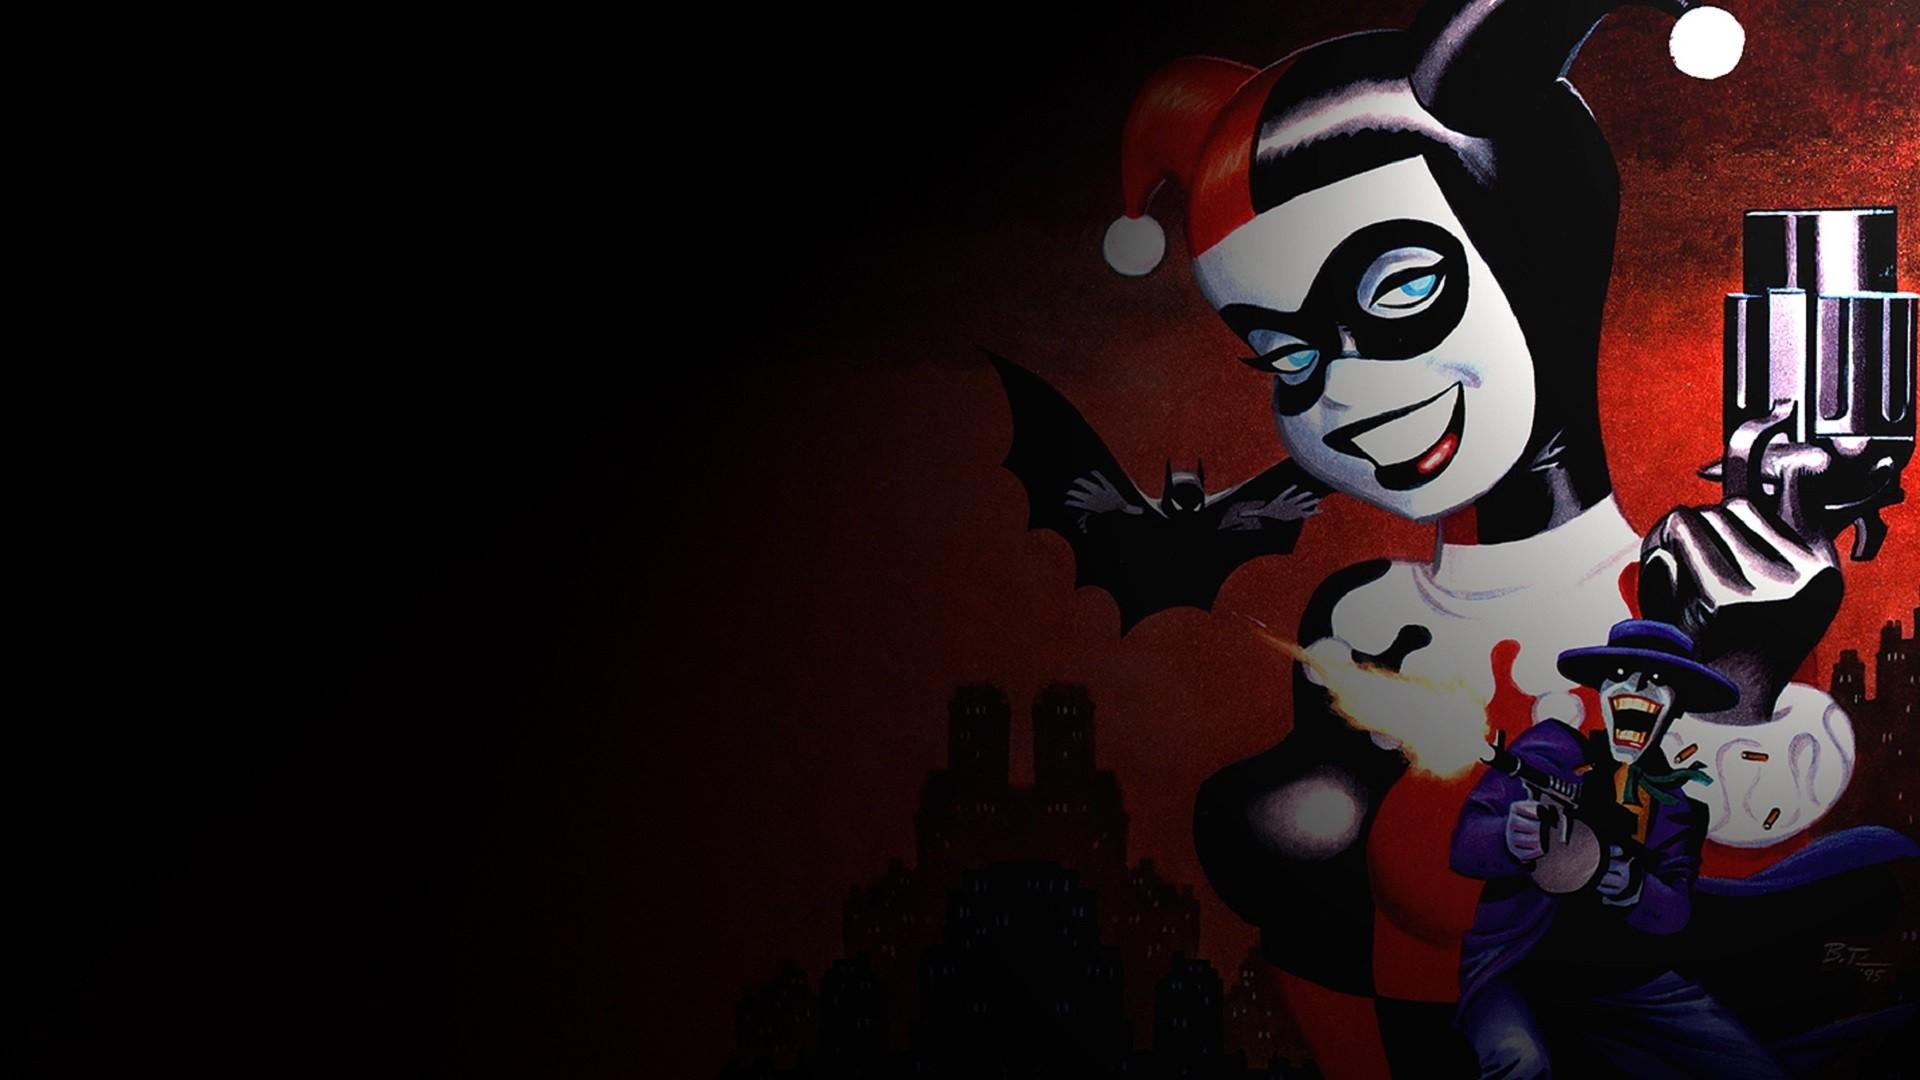 Entstehung Harley Quinn ist eine der wenigen BatmanFiguren die zuerst für die BatmanZeichentrickserie geschaffen wurden und erst nachträglich in die Batman